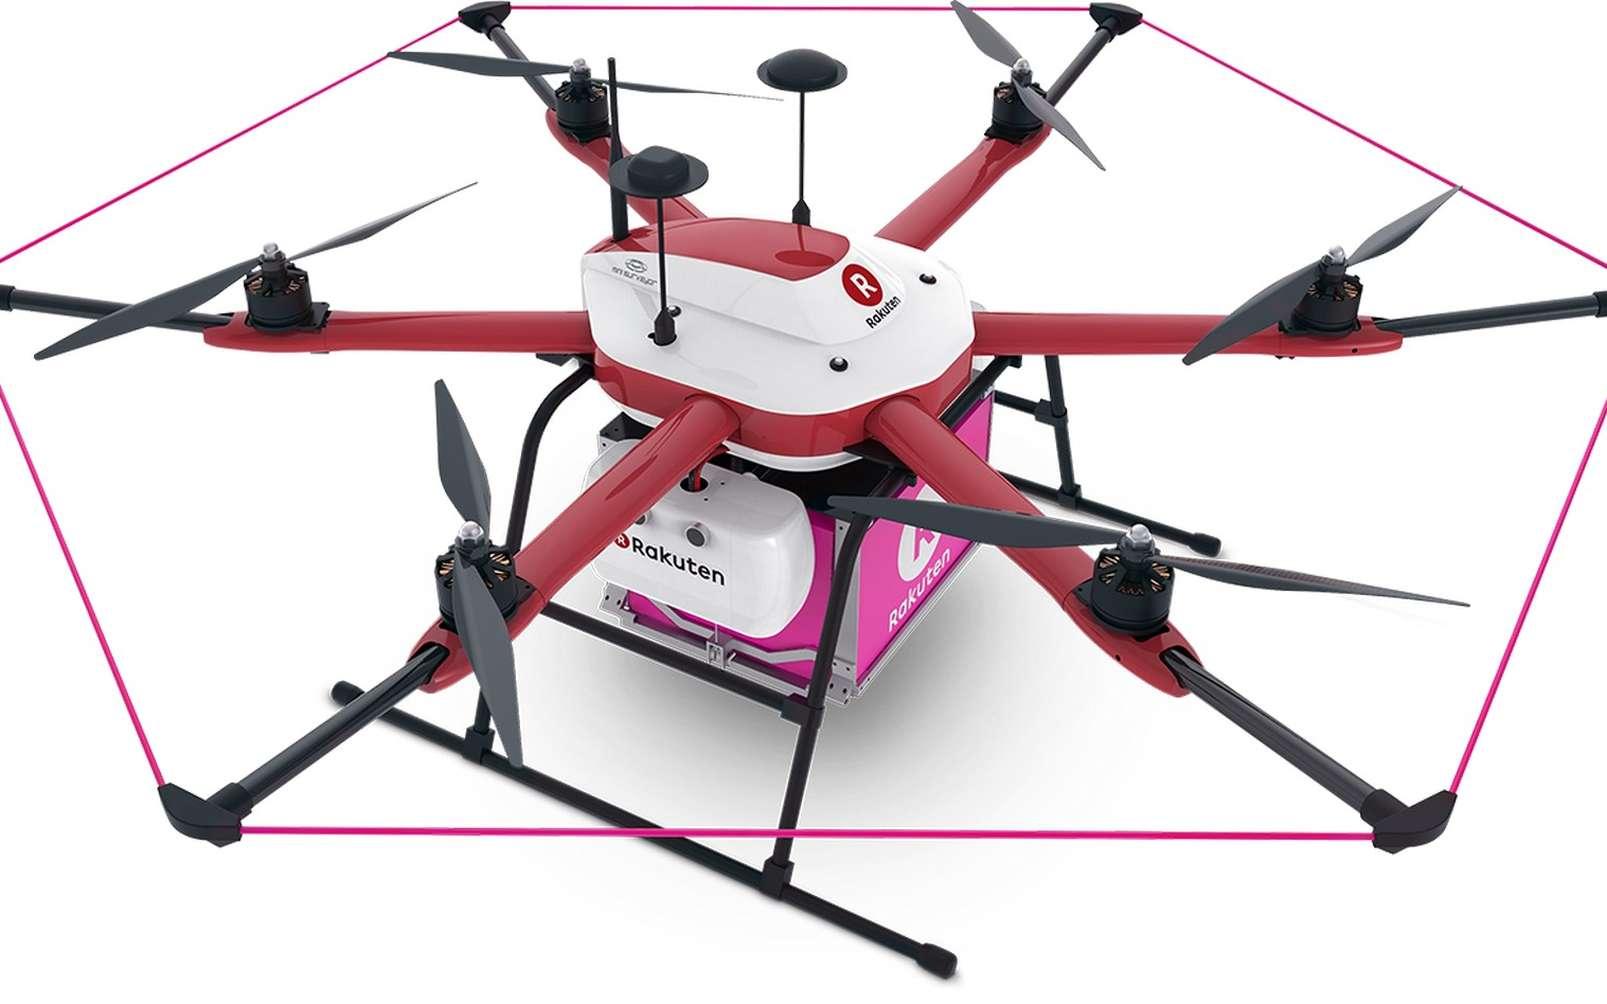 Rakuten a conçu son drone-livreur en partenariat avec Autonomous Control Systems Laboratory, société dont le géant japonais du commerce en ligne est actionnaire. © Rakuten